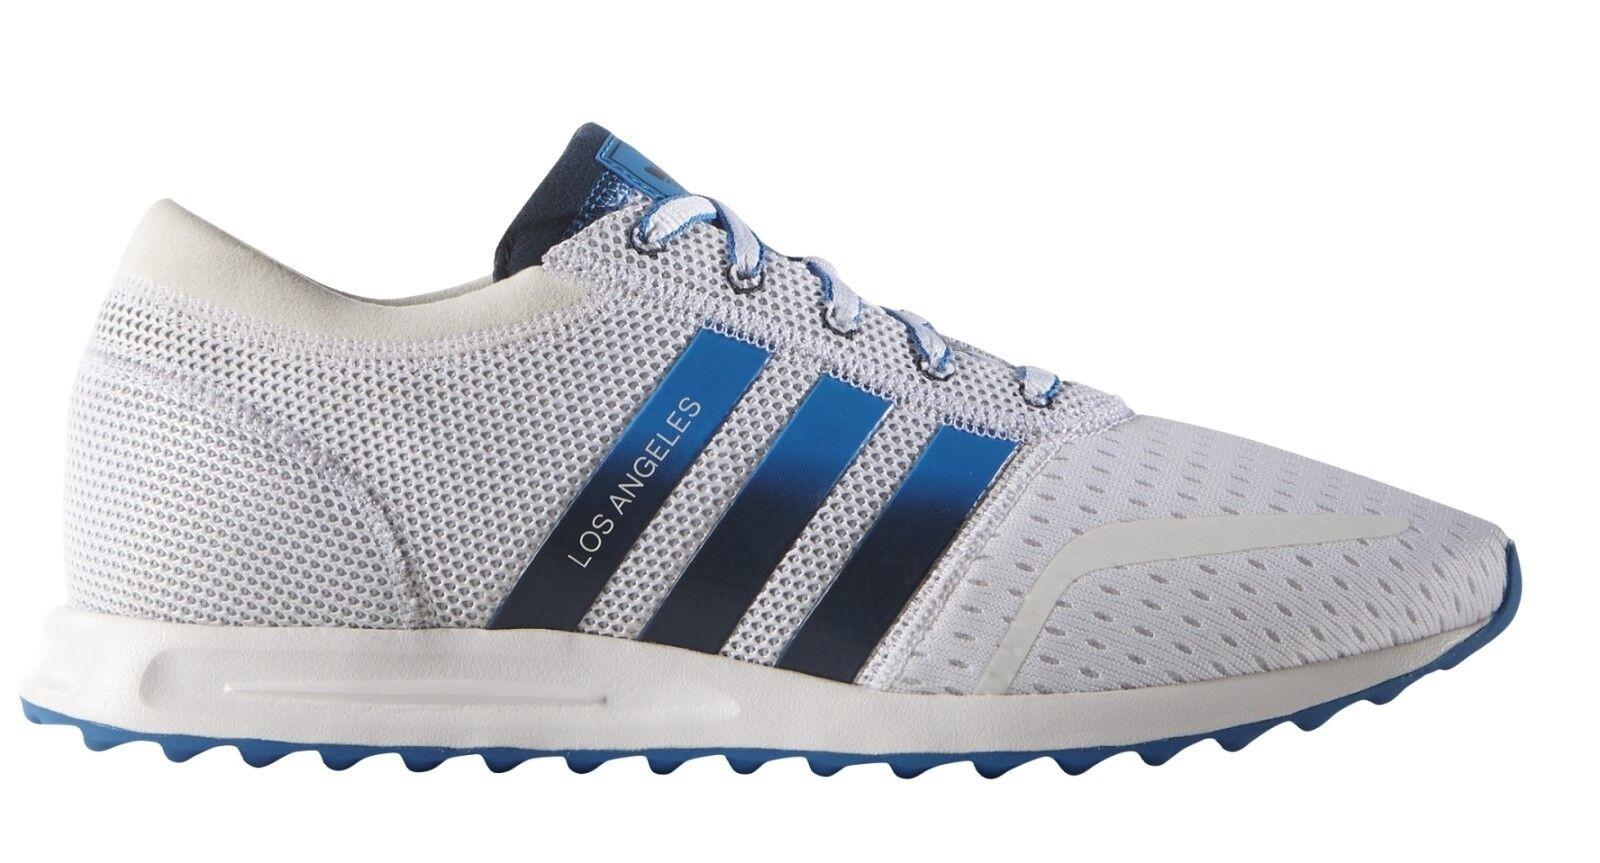 7a1f29a42d5 Adidas Originals Turnschuhe LOS ANGELES S79032 S79032 S79032 Weiß Weiß  Sportschuhe TOP NEU c2a261